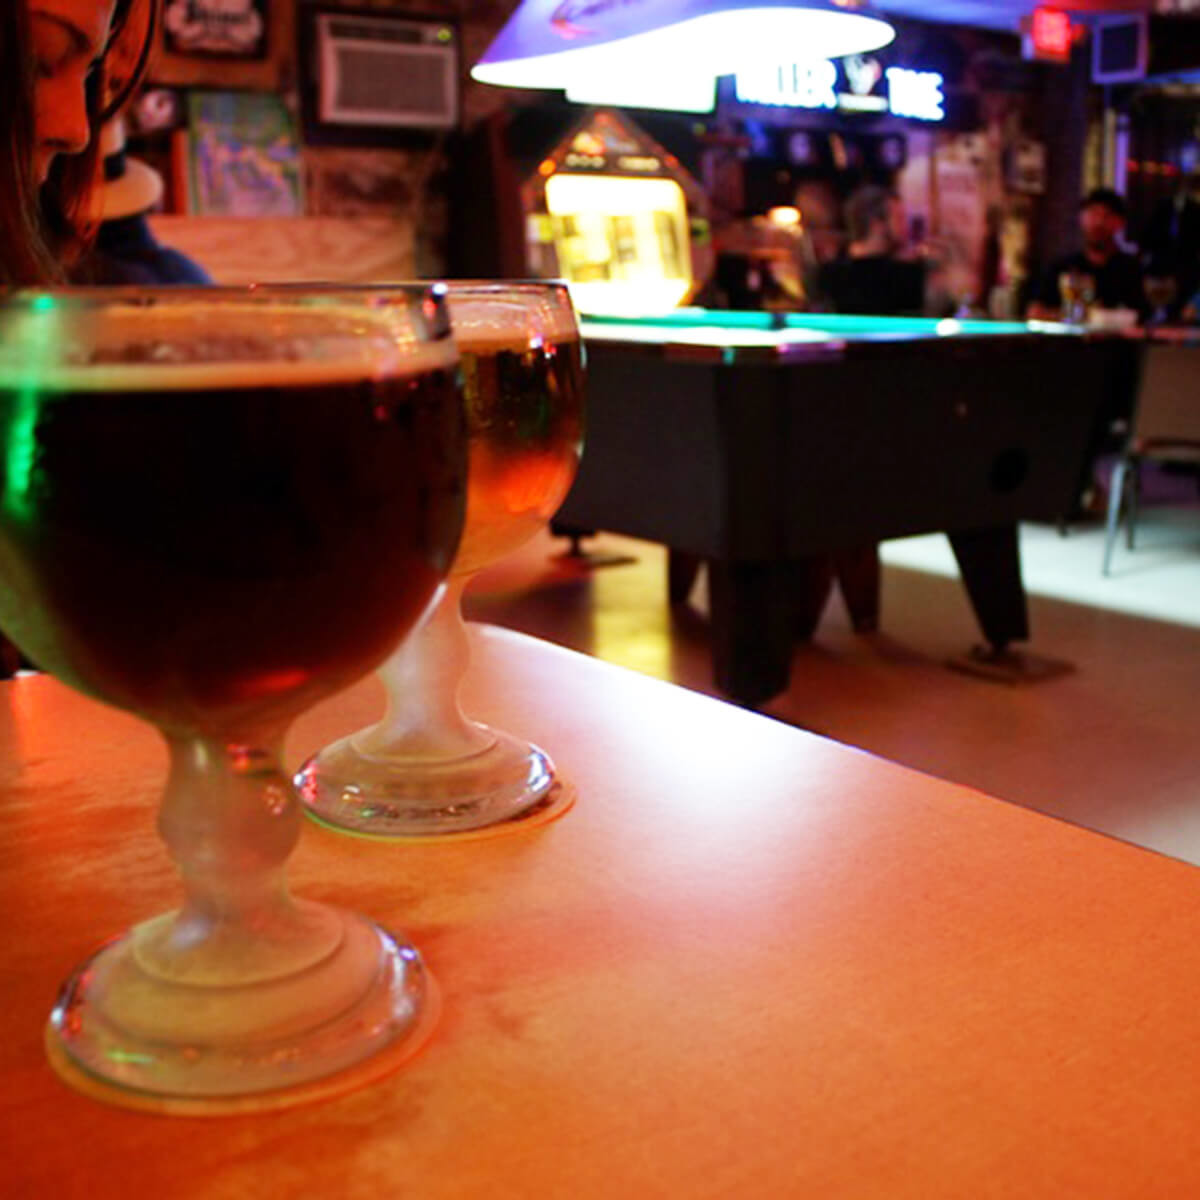 Beer, pool table